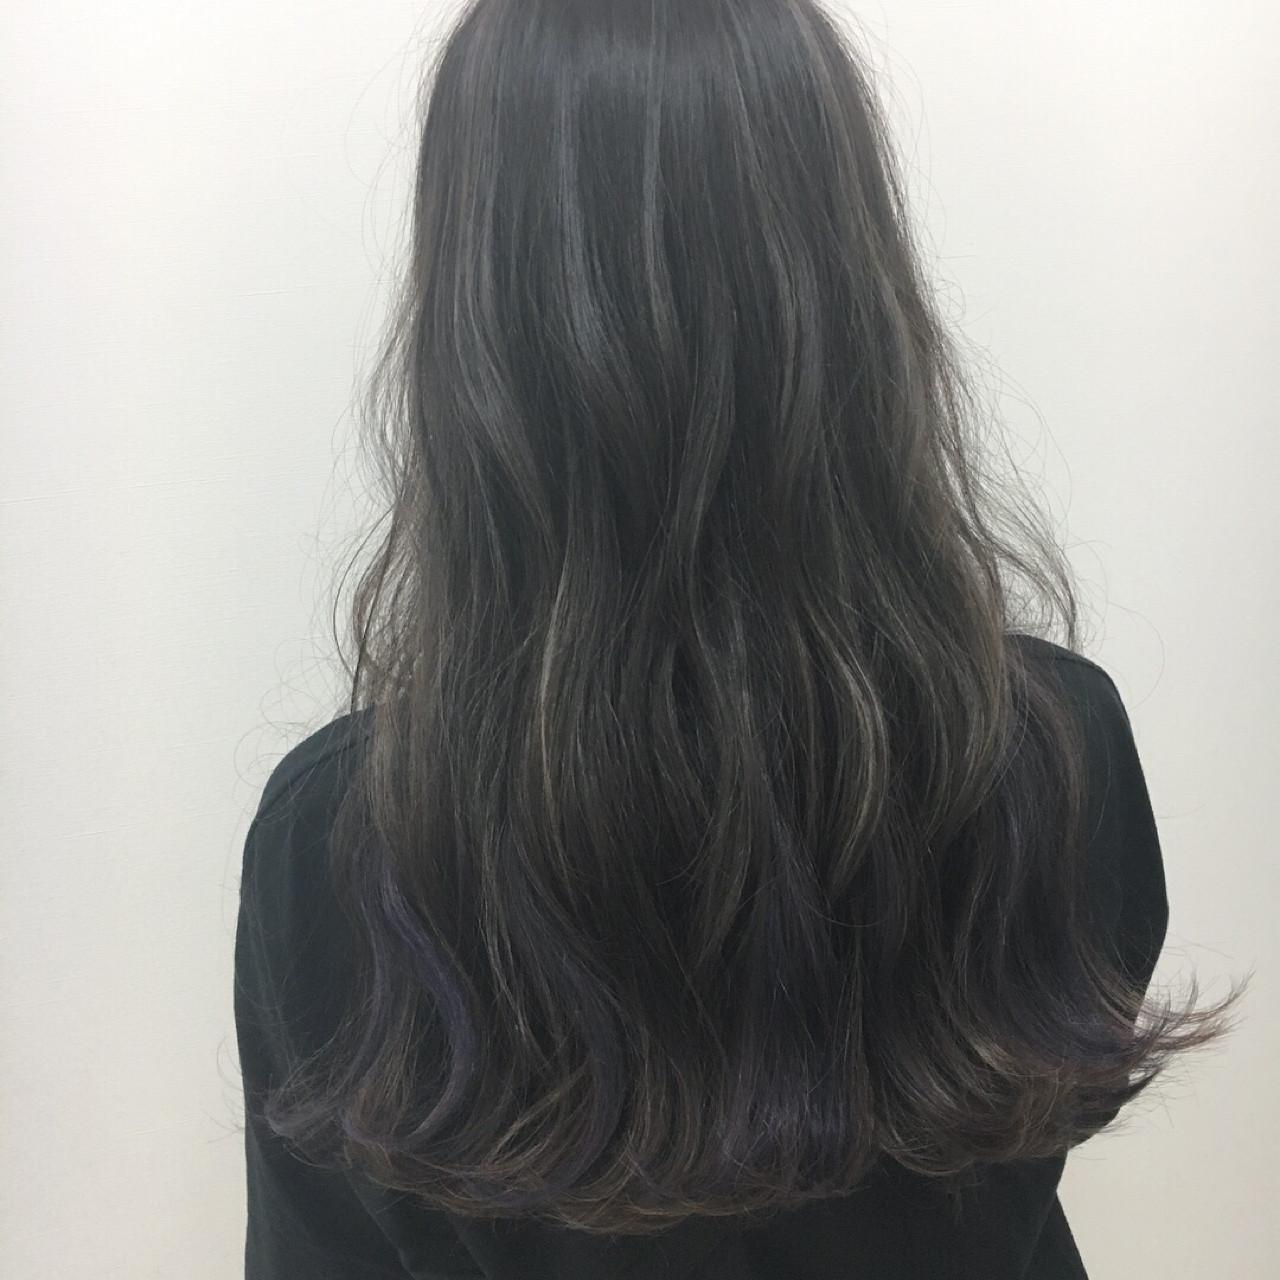 インナーカラー ロング アンニュイ 大人かわいい ヘアスタイルや髪型の写真・画像 | Yuuta Asato / Moana by HEADLIGHT 沖縄東崎店